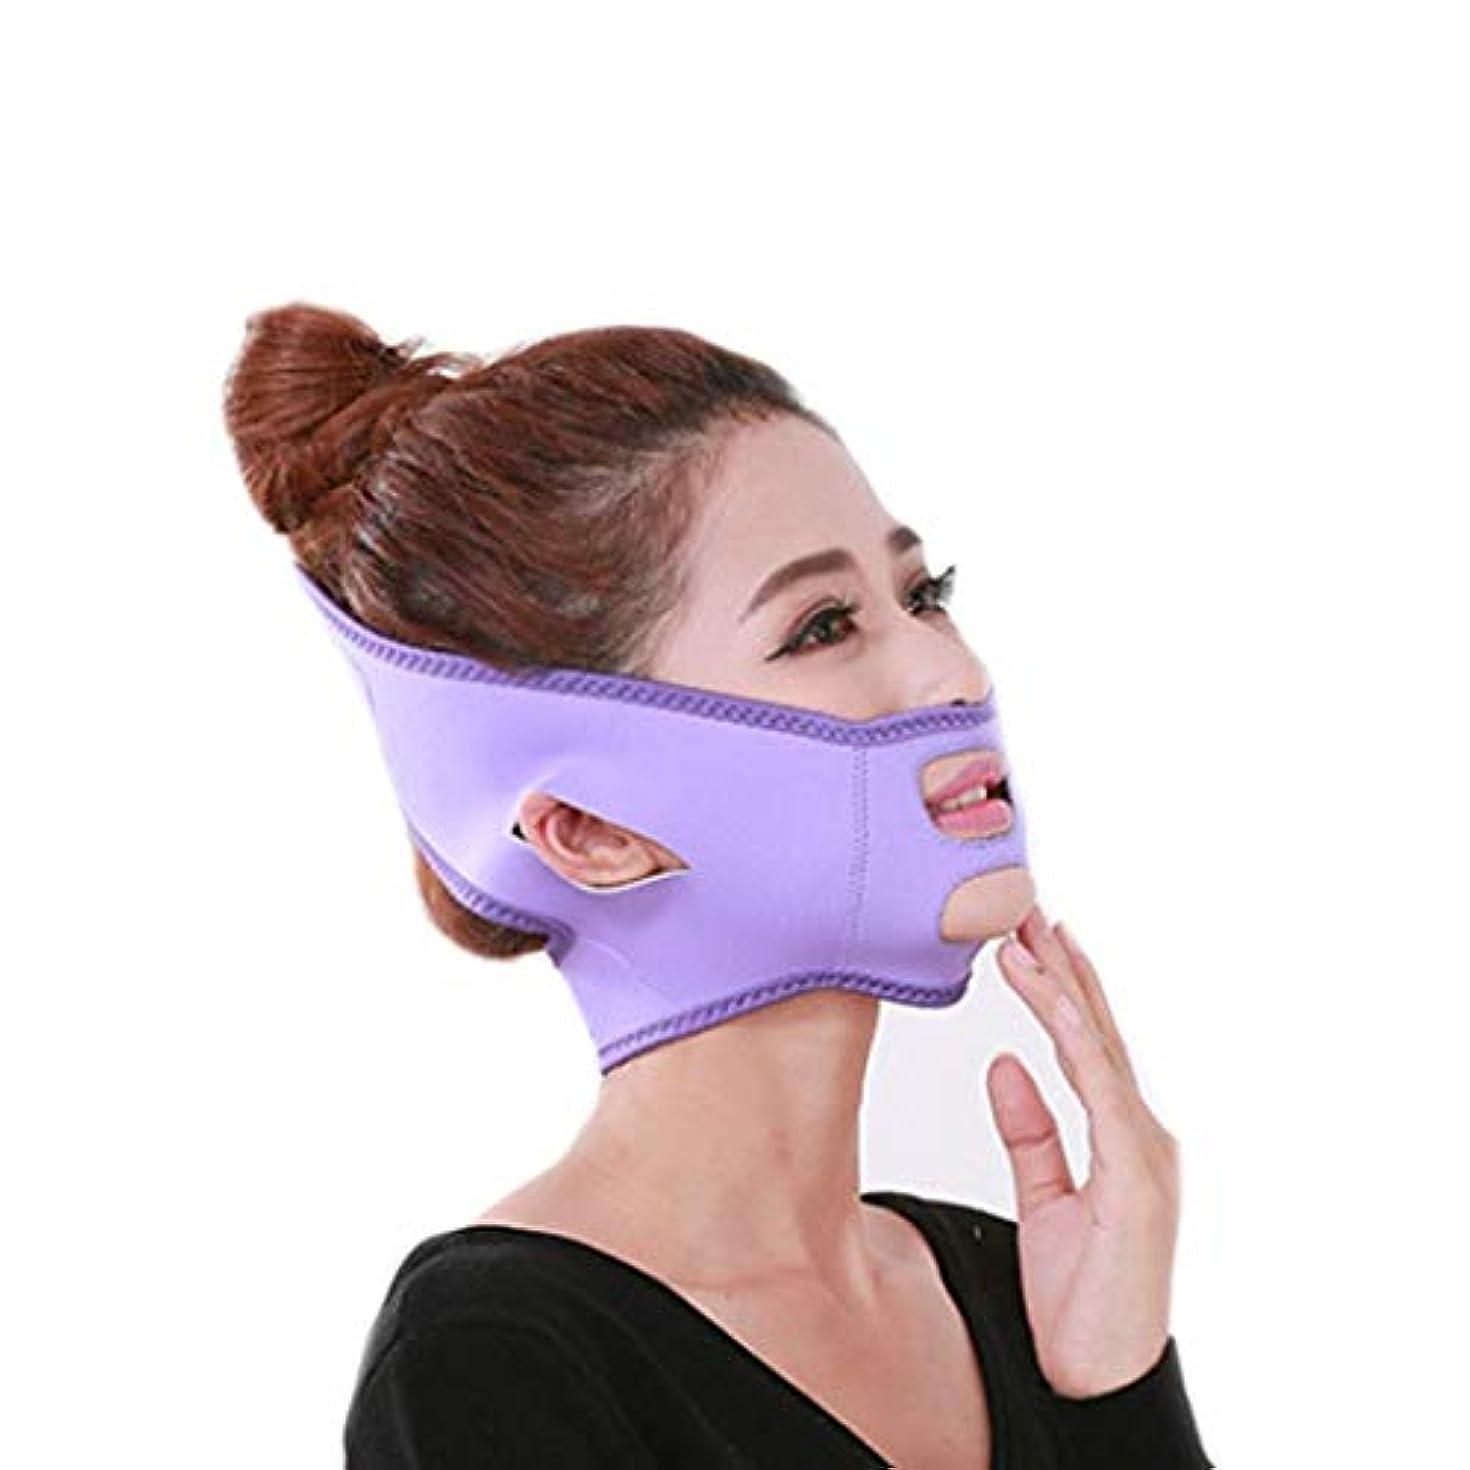 船員外交問題スタウトフェイスリフトテープ&バンド、フェイススリミングマスク、ダブルチン、ダブルチンリデューサー、シワ防止マスク、リフティングシェイプ(フリーサイズ)(カラー:ピンク),紫の